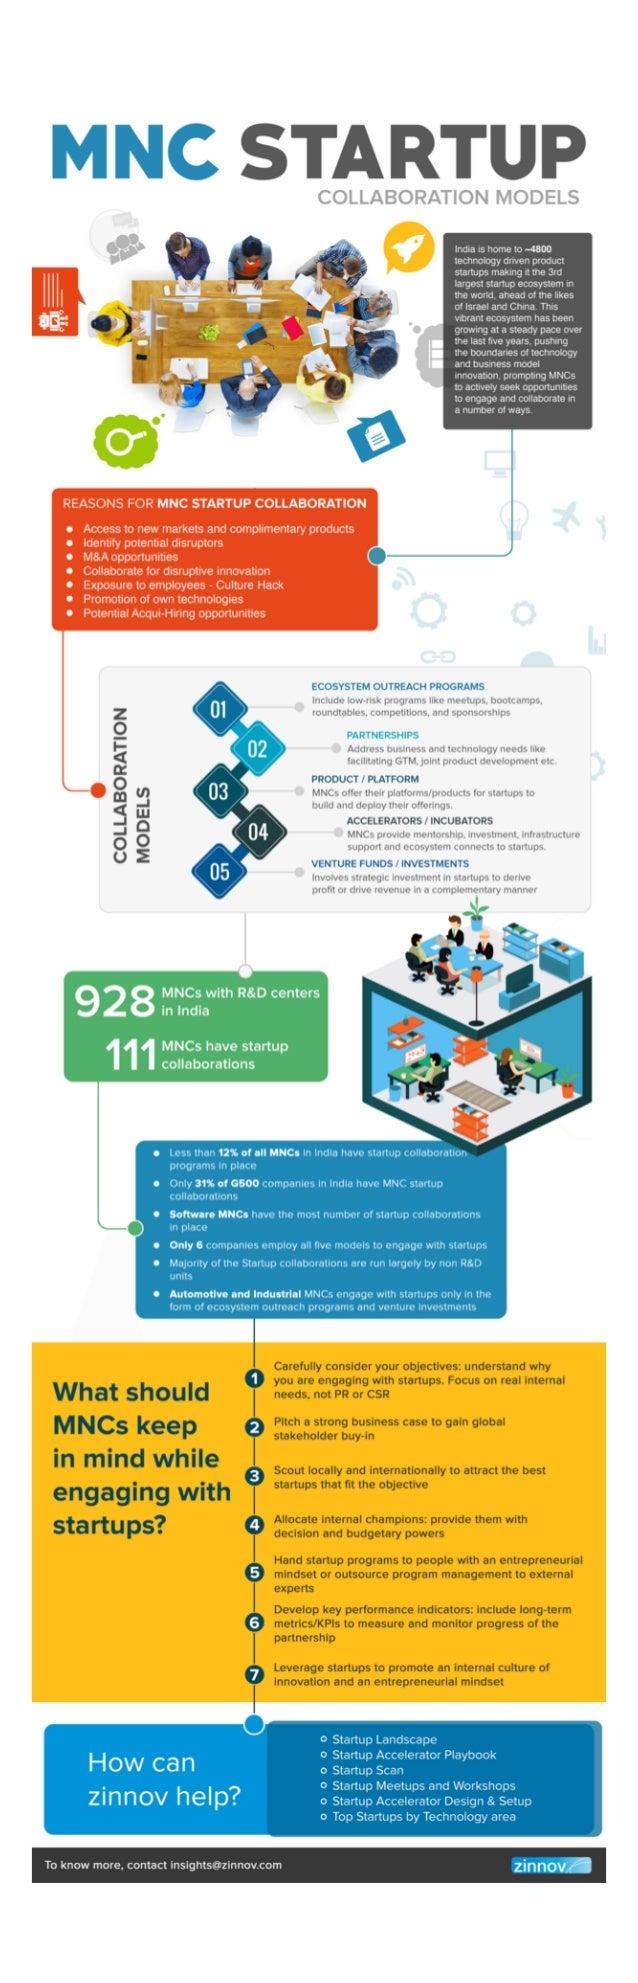 MNC-Startup collaboration models